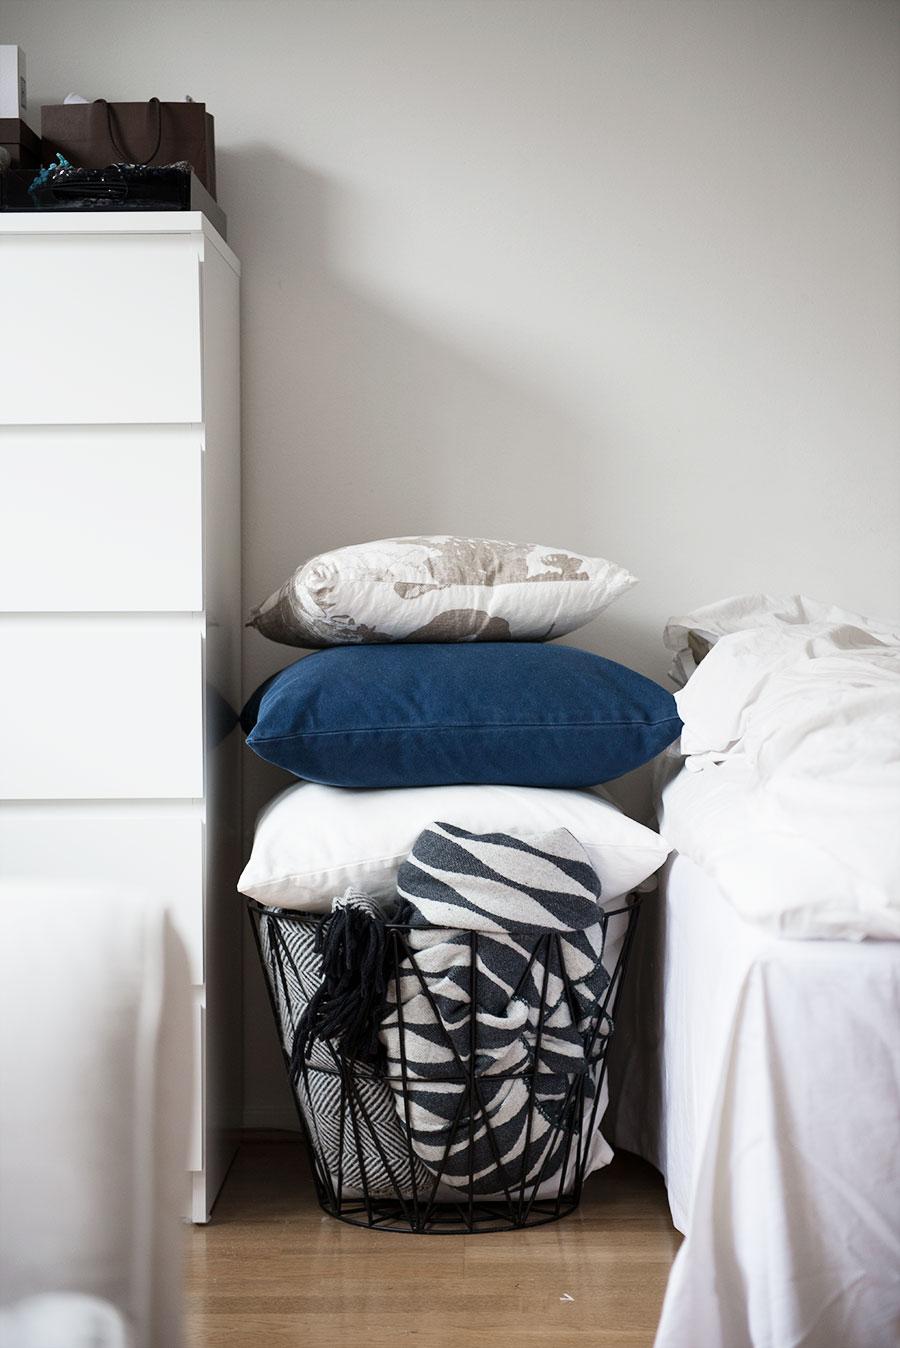 Smart förvaring av extra kuddar och filtar i en korg från Ferm Living.